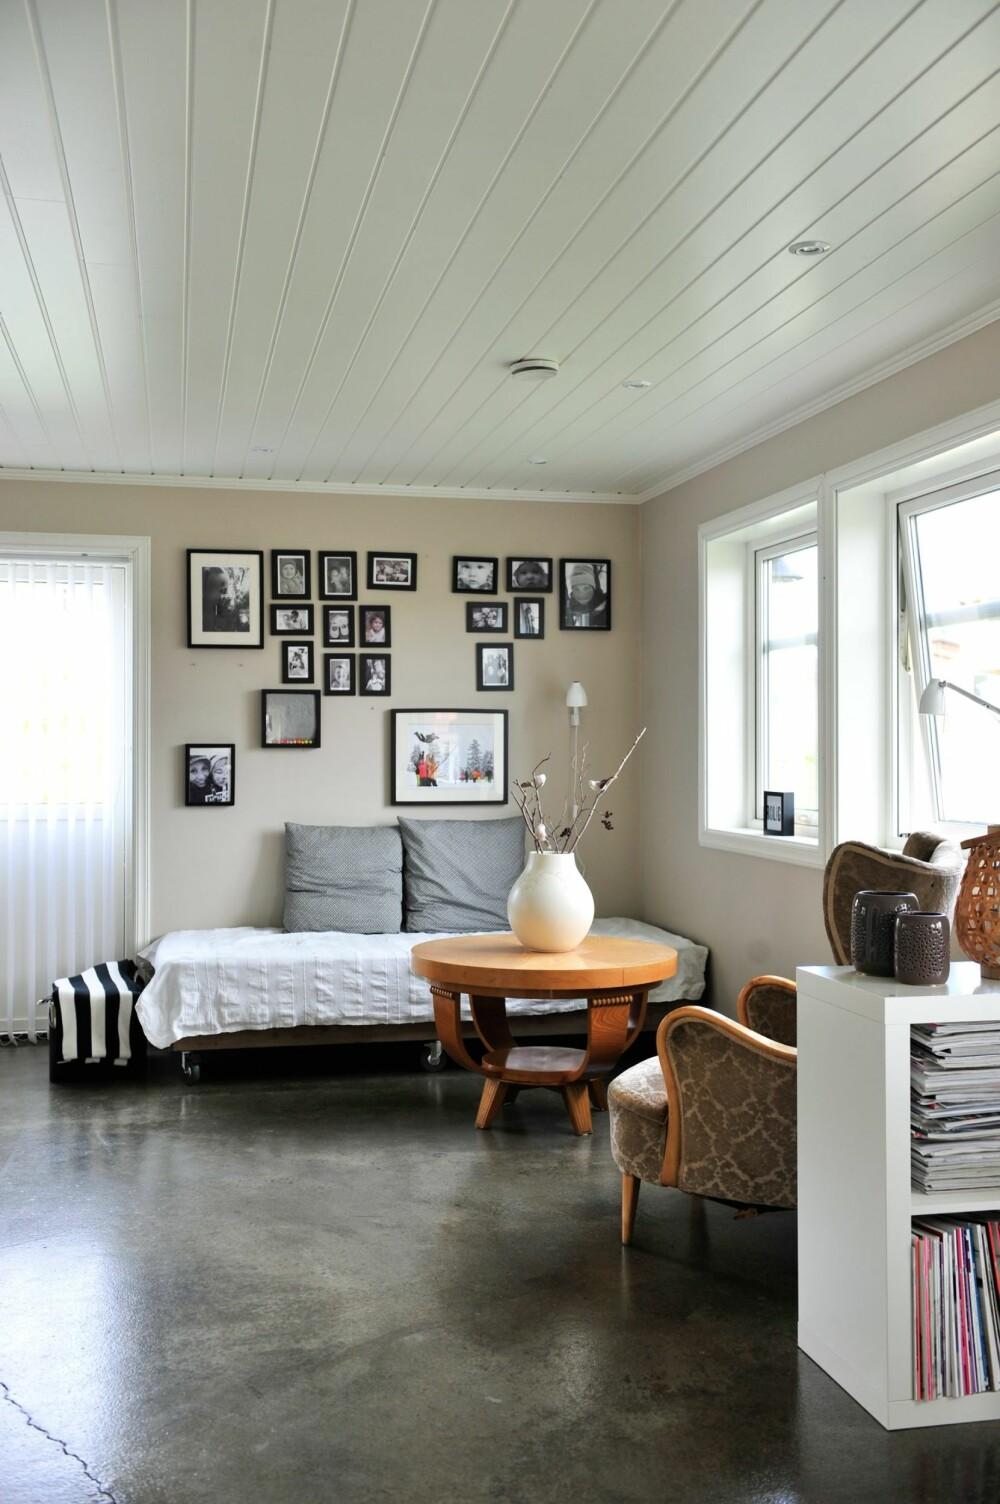 KUL VEGGDEKOR: I en koselig krok mellom stuen og kjøkkenet har Hege laget en bildevegg og fått plass til noen gamle arvestykker. Vasen på bordet er fra Ikea.